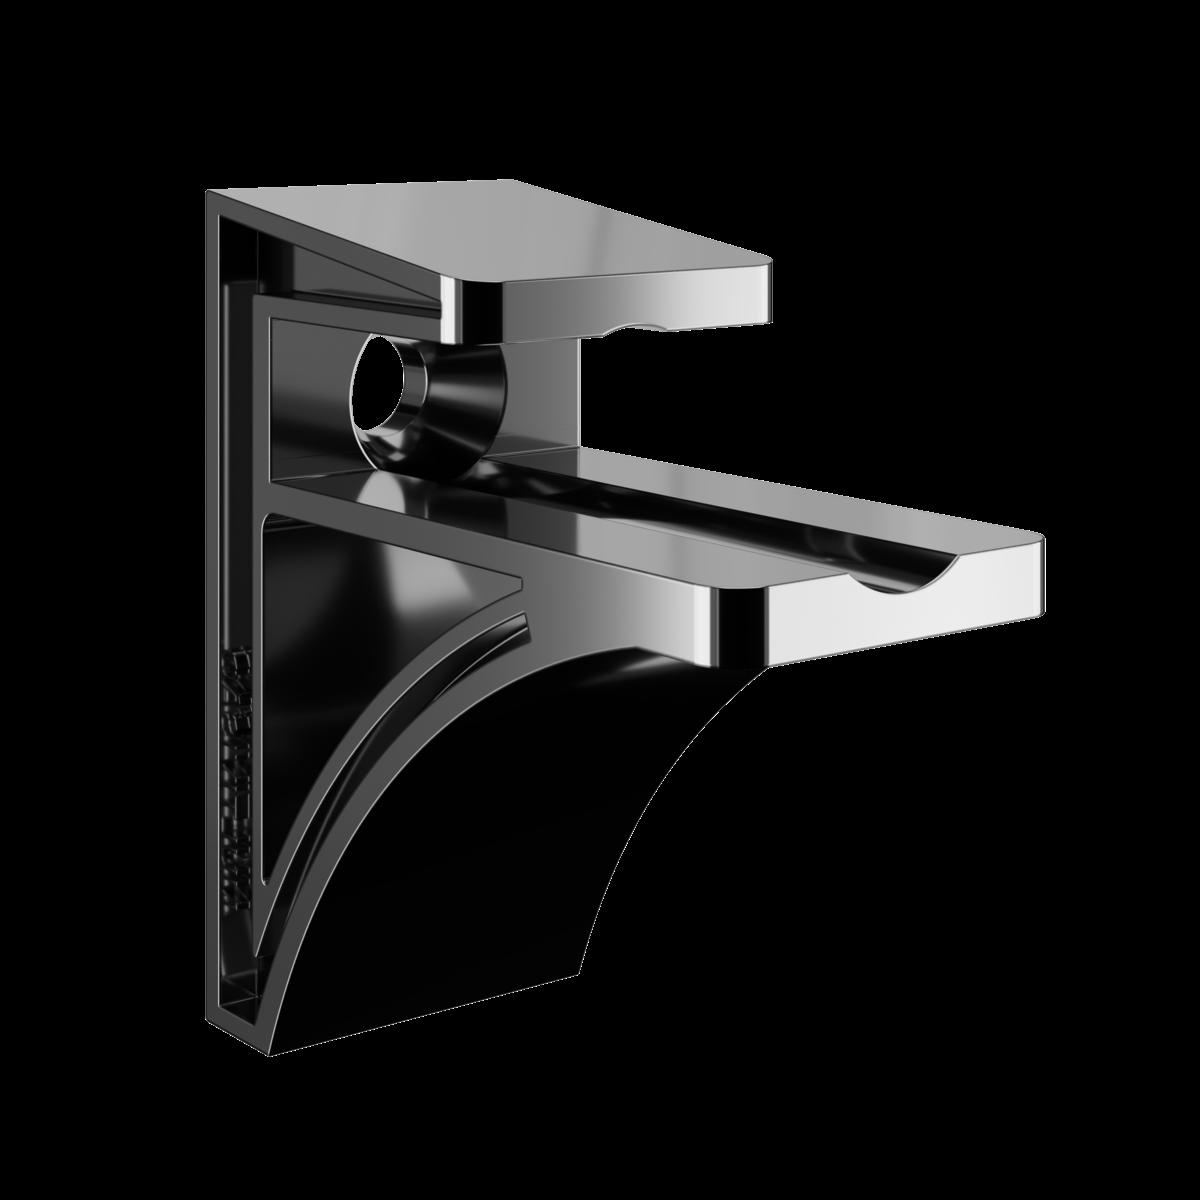 VIDRIO-R1540-INC Prateleira de vidro incolor de 8mm com suportes para fixação.